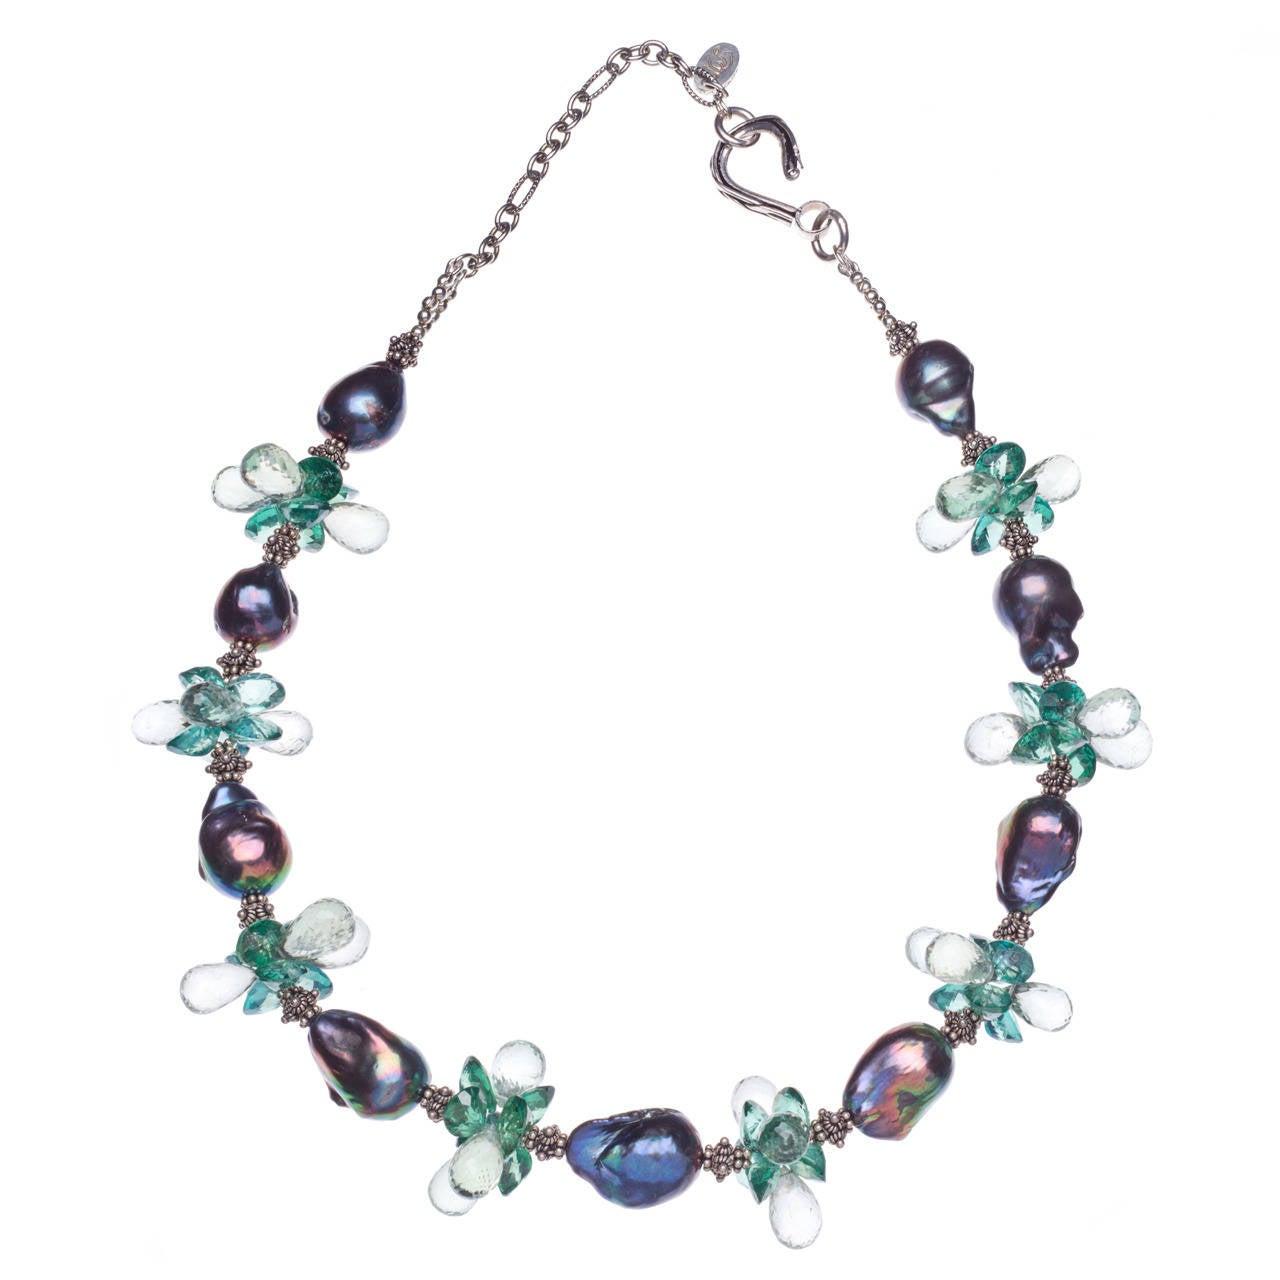 Deborah Liebman Baroque Black Pearl Green Topaz Green Amethyst Silver Necklace